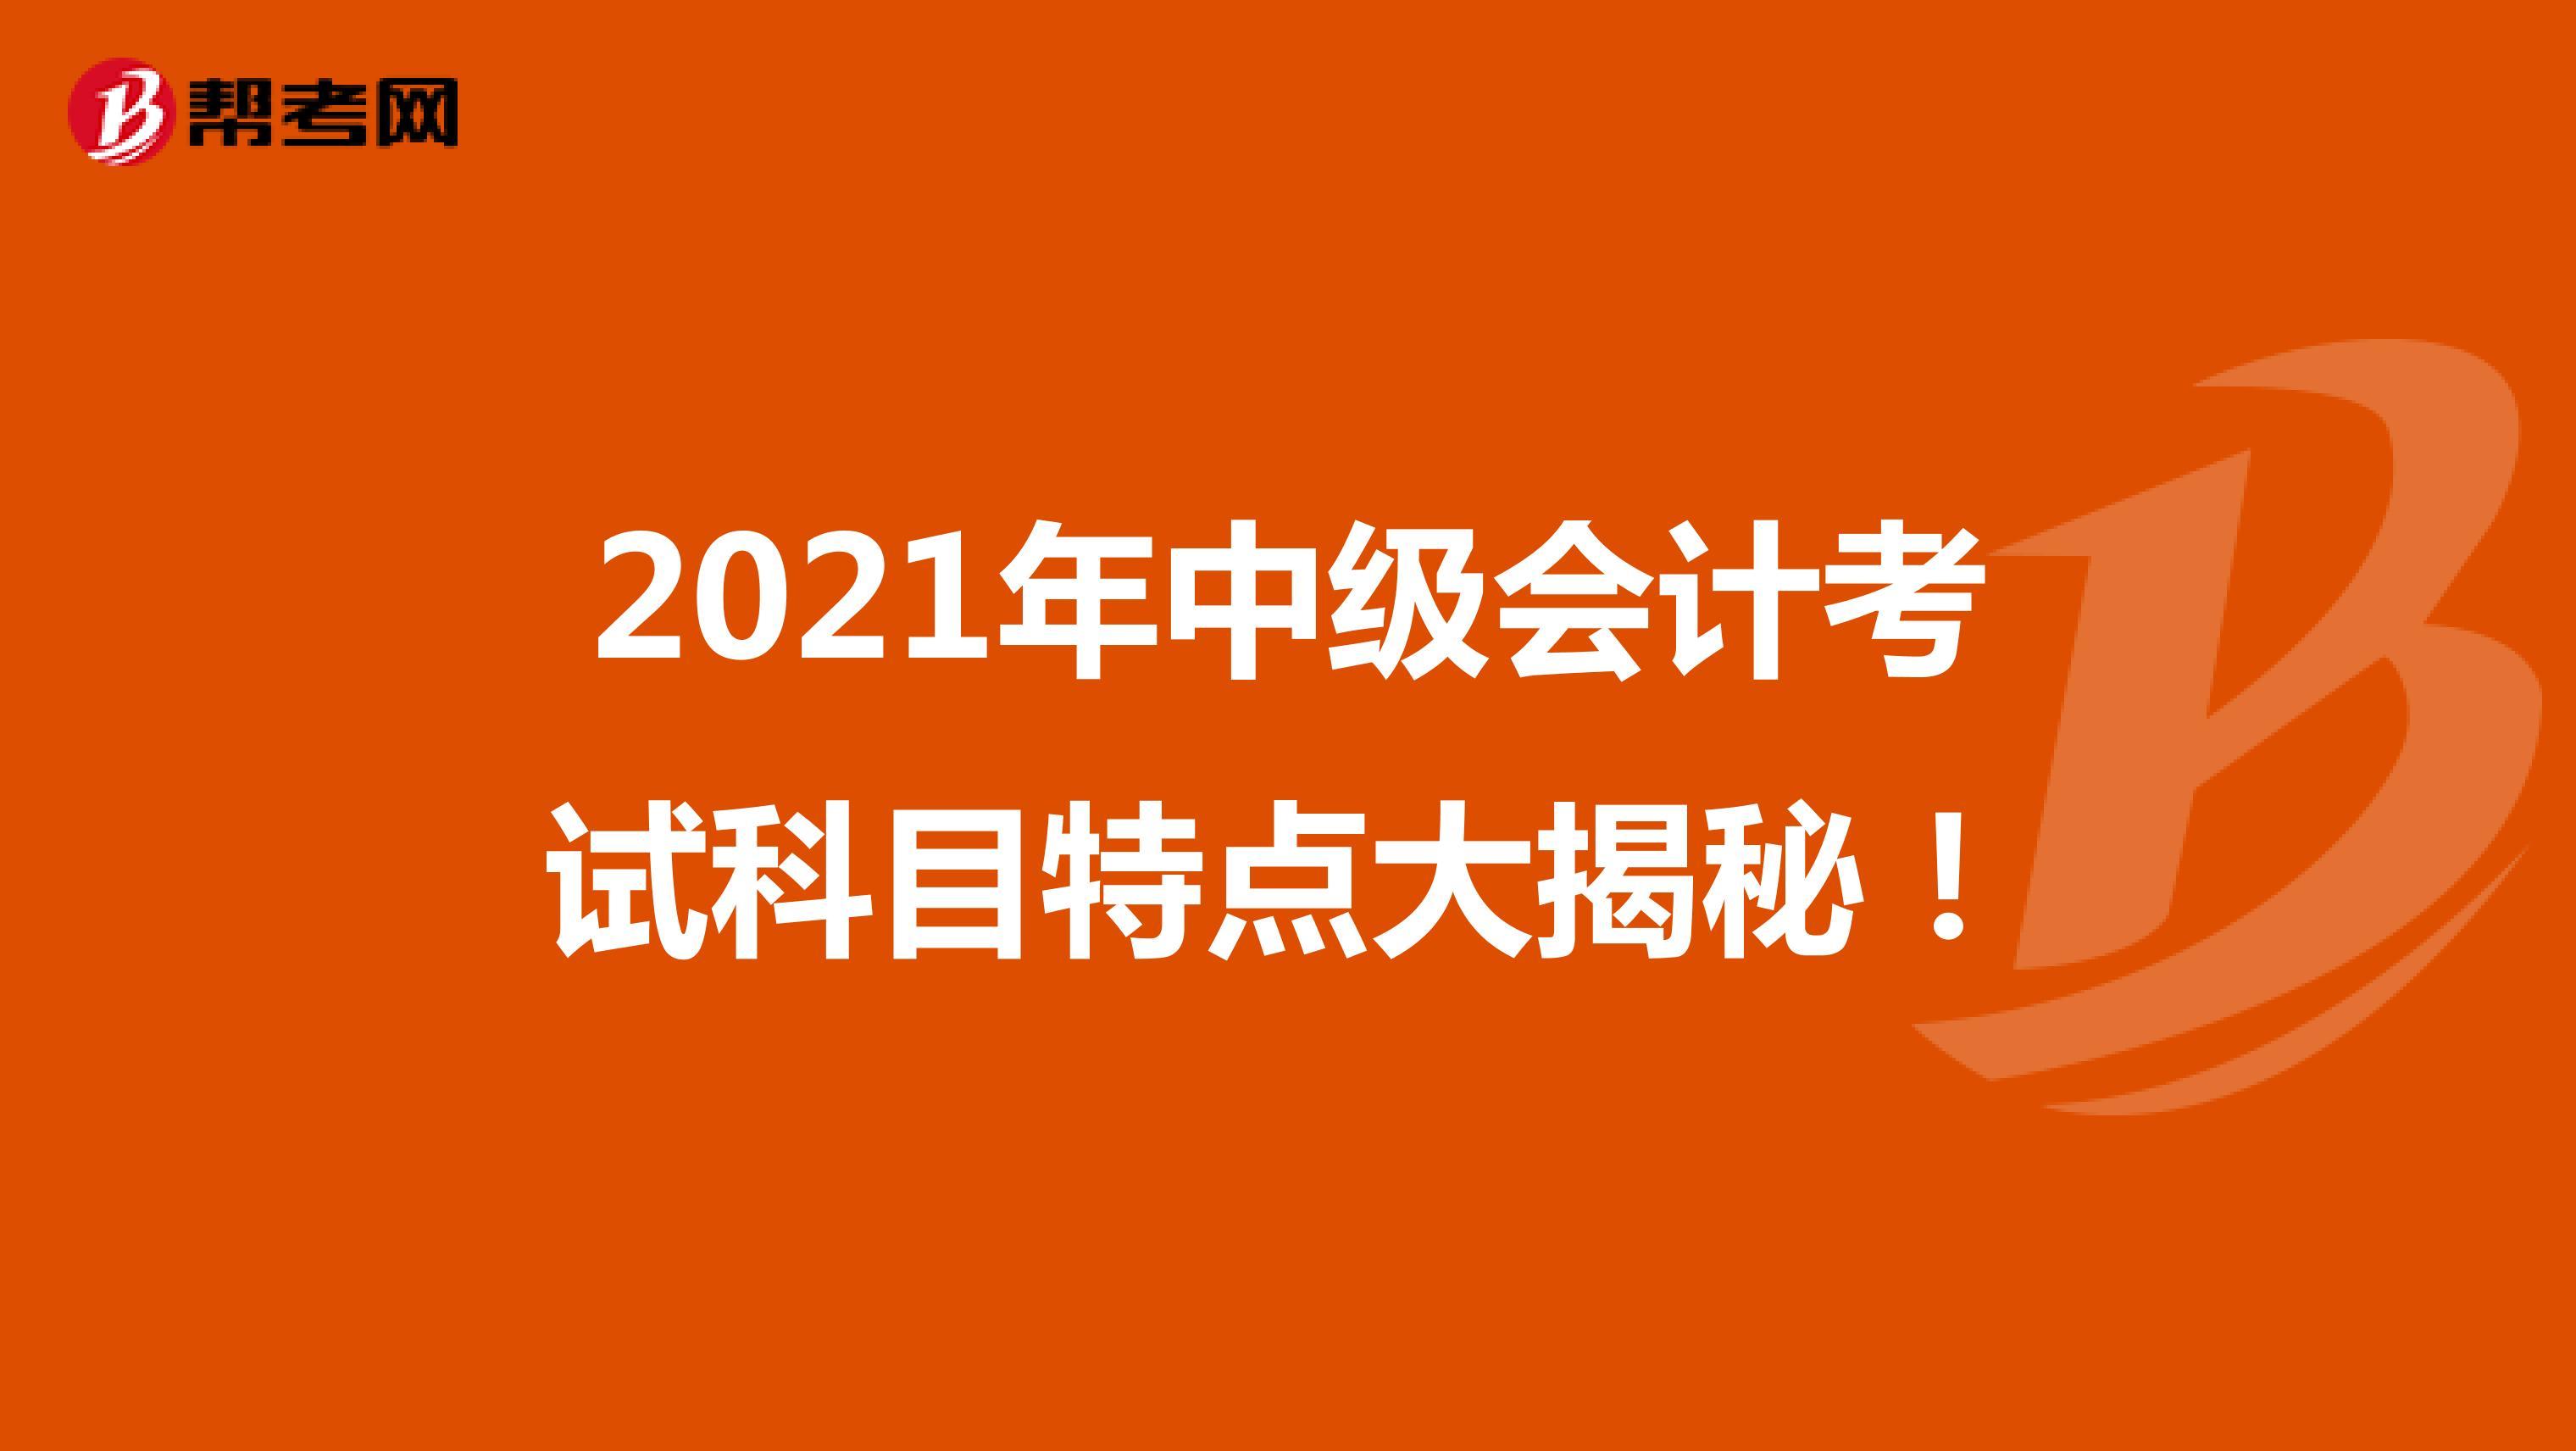 2021年中级会计考试科目特点大揭秘!